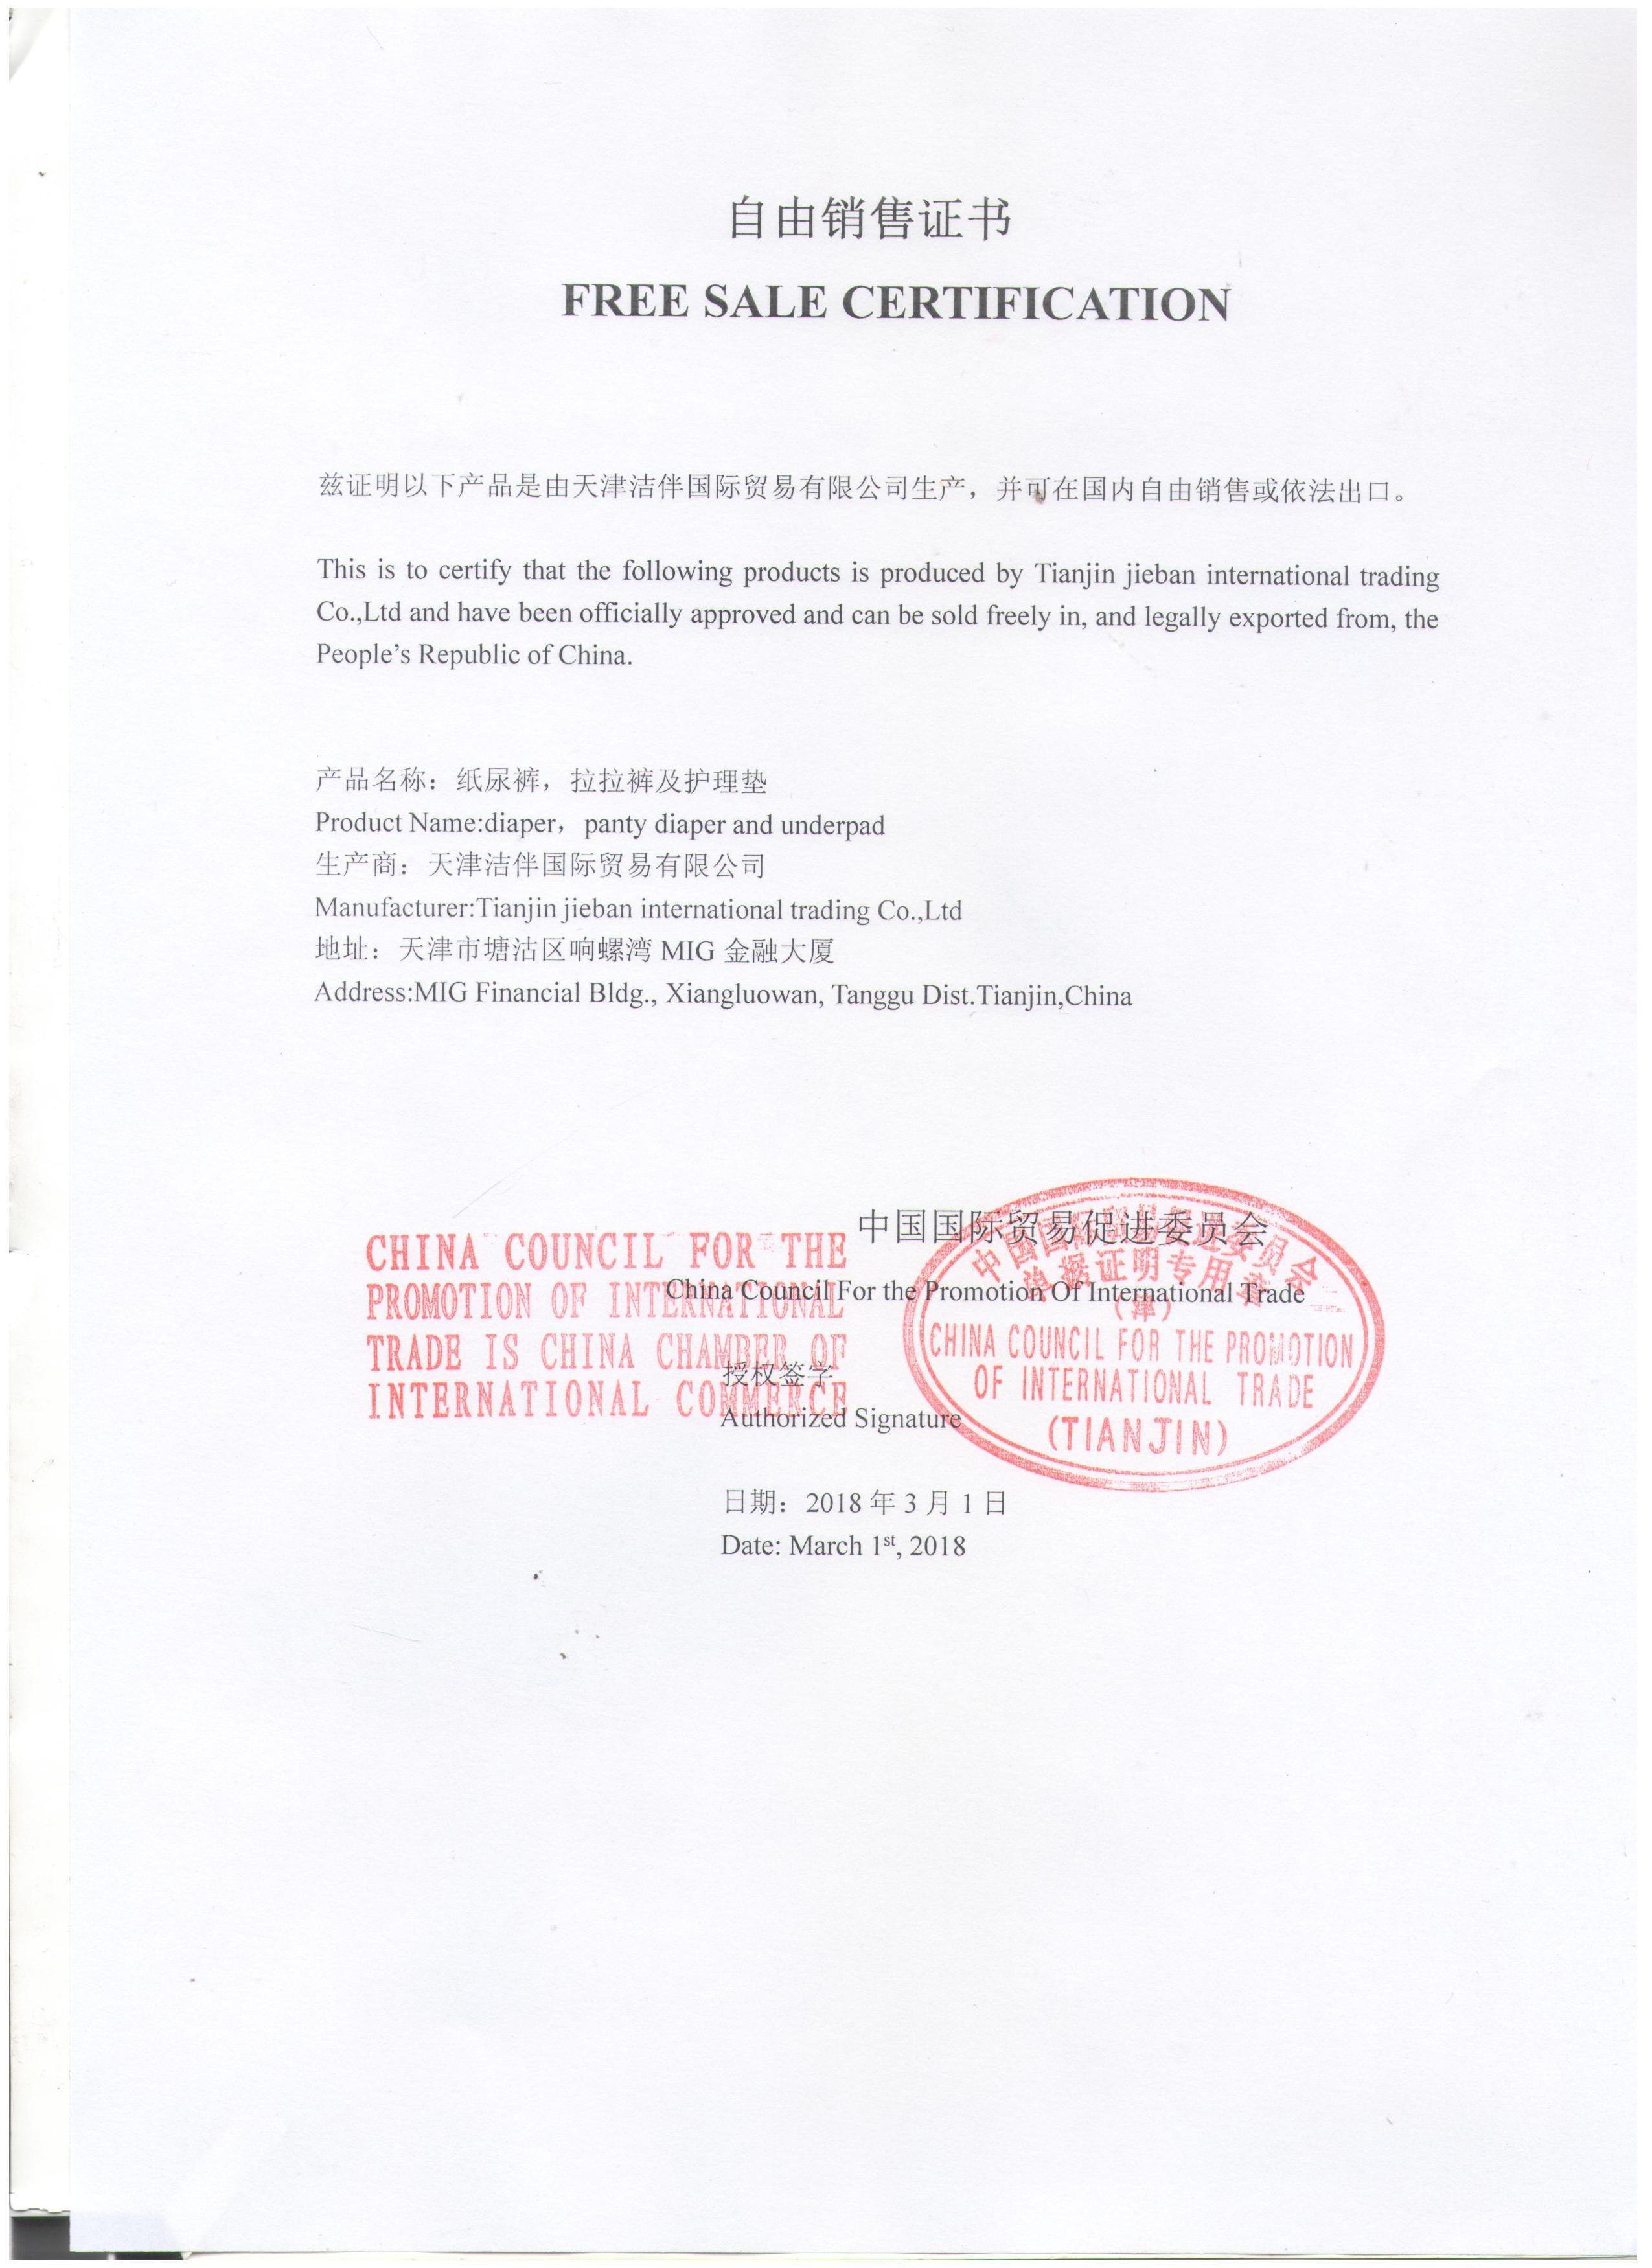 FSC(Free Sales Certificate)